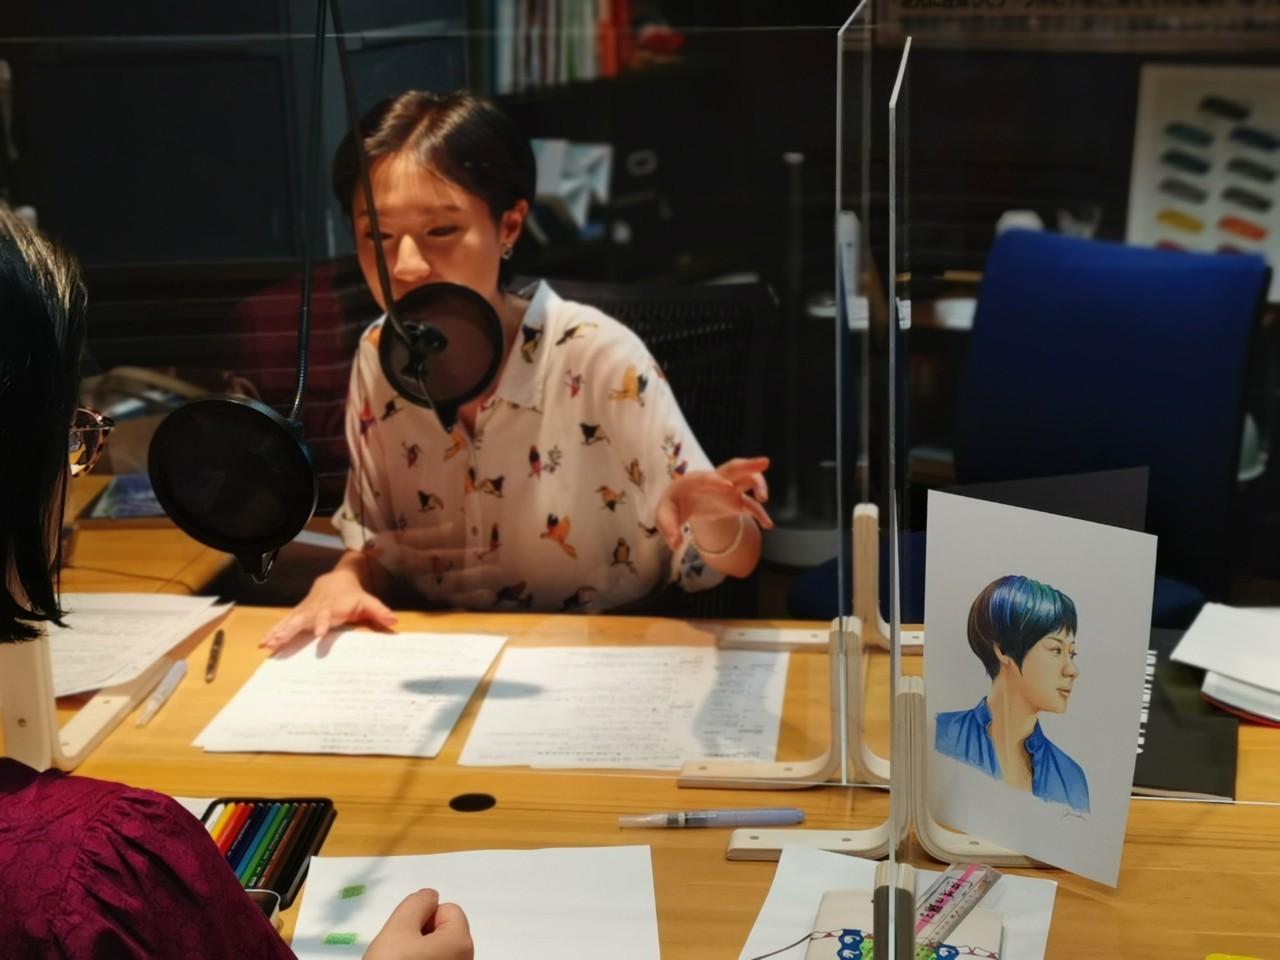 放送中                                                                                    TBSラジオ FM90.5 + AM954                                                    放送中伊東楓 presents あなたの生活を彩る、〝色鉛筆〟 はコレだ!                この記事の                番組情報            ジェーン・スー 生活は踊る